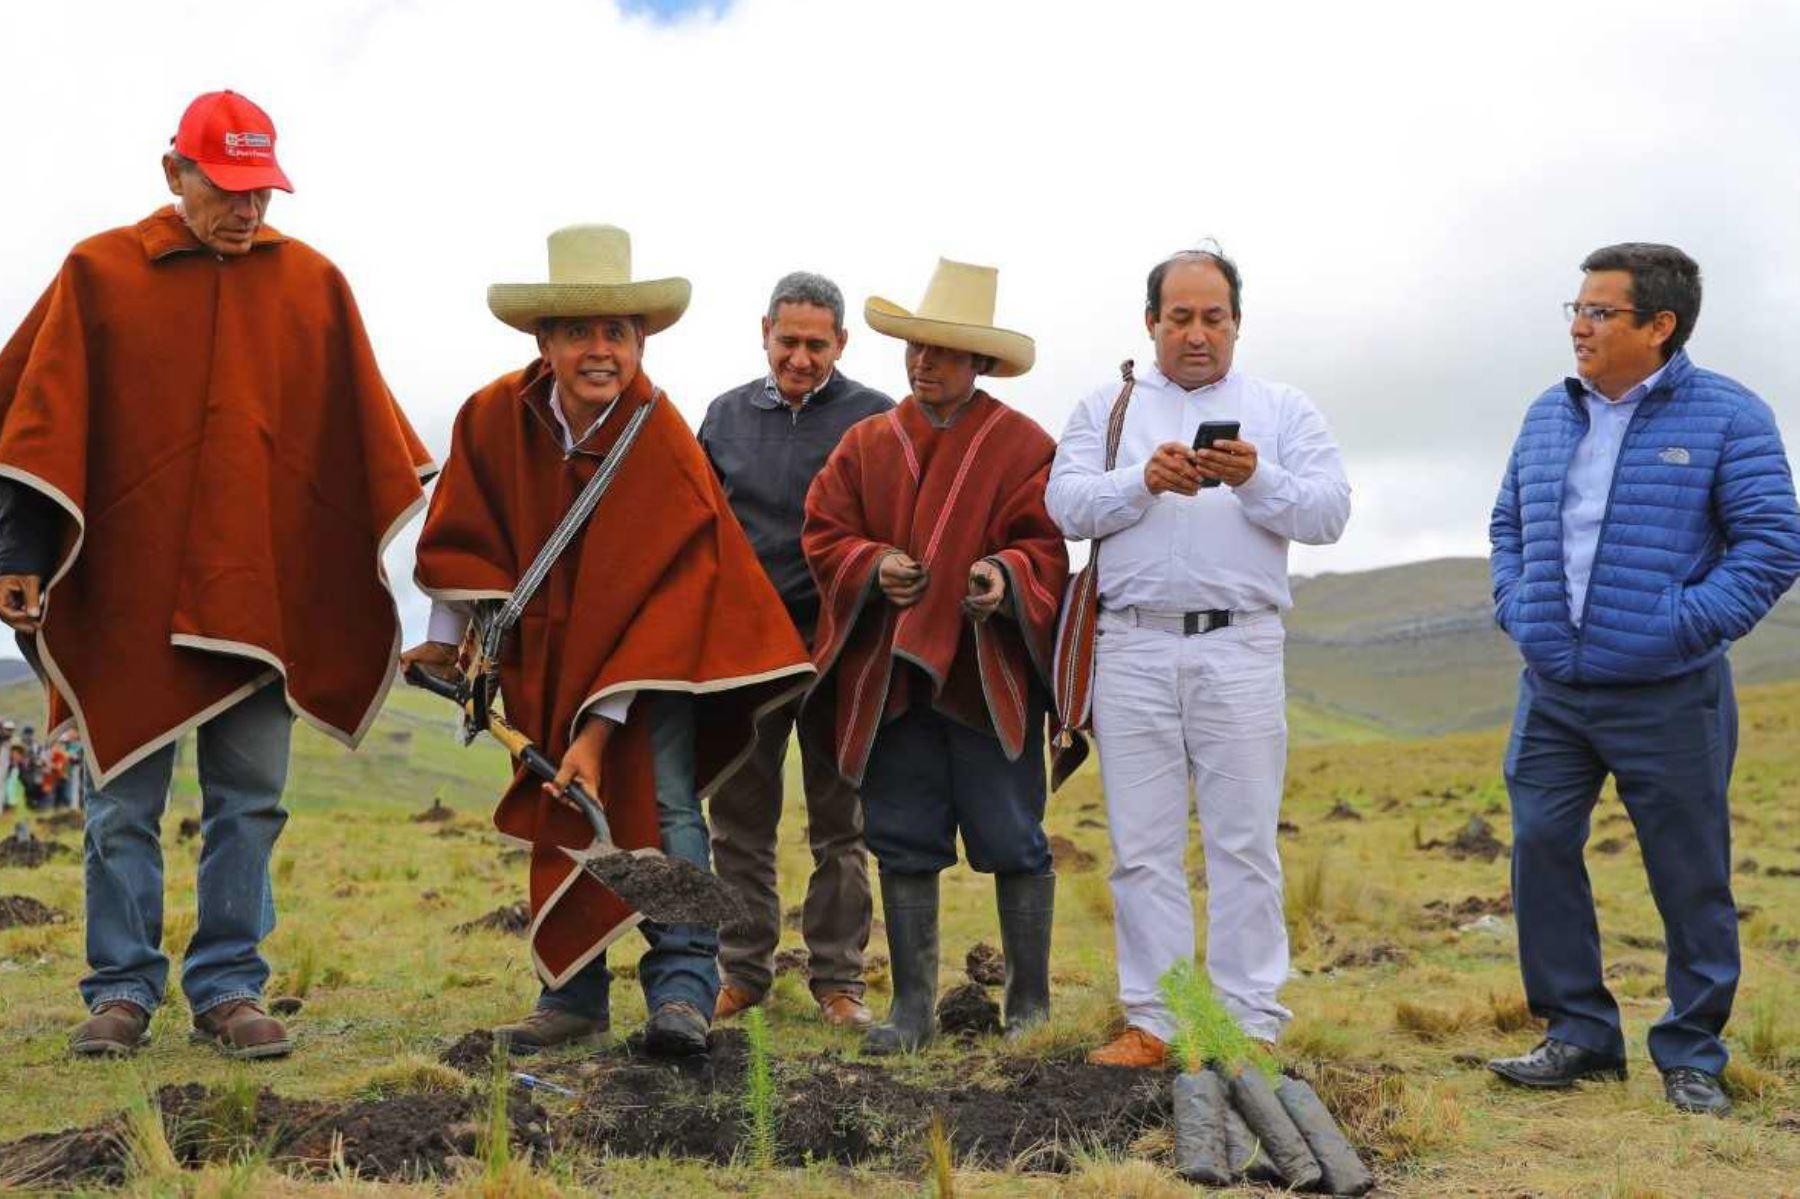 El Ministerio de Agricultura y Riego (Minagri) a través del programa Agro Rural, inició un vasto plan de reforestación en Cajamarca, para lo cual se promoverán convenios y alianzas que permitan contar con el apoyo de gobiernos regionales, locales y empresas para alcanzar la meta de un millón de árboles en esa región.